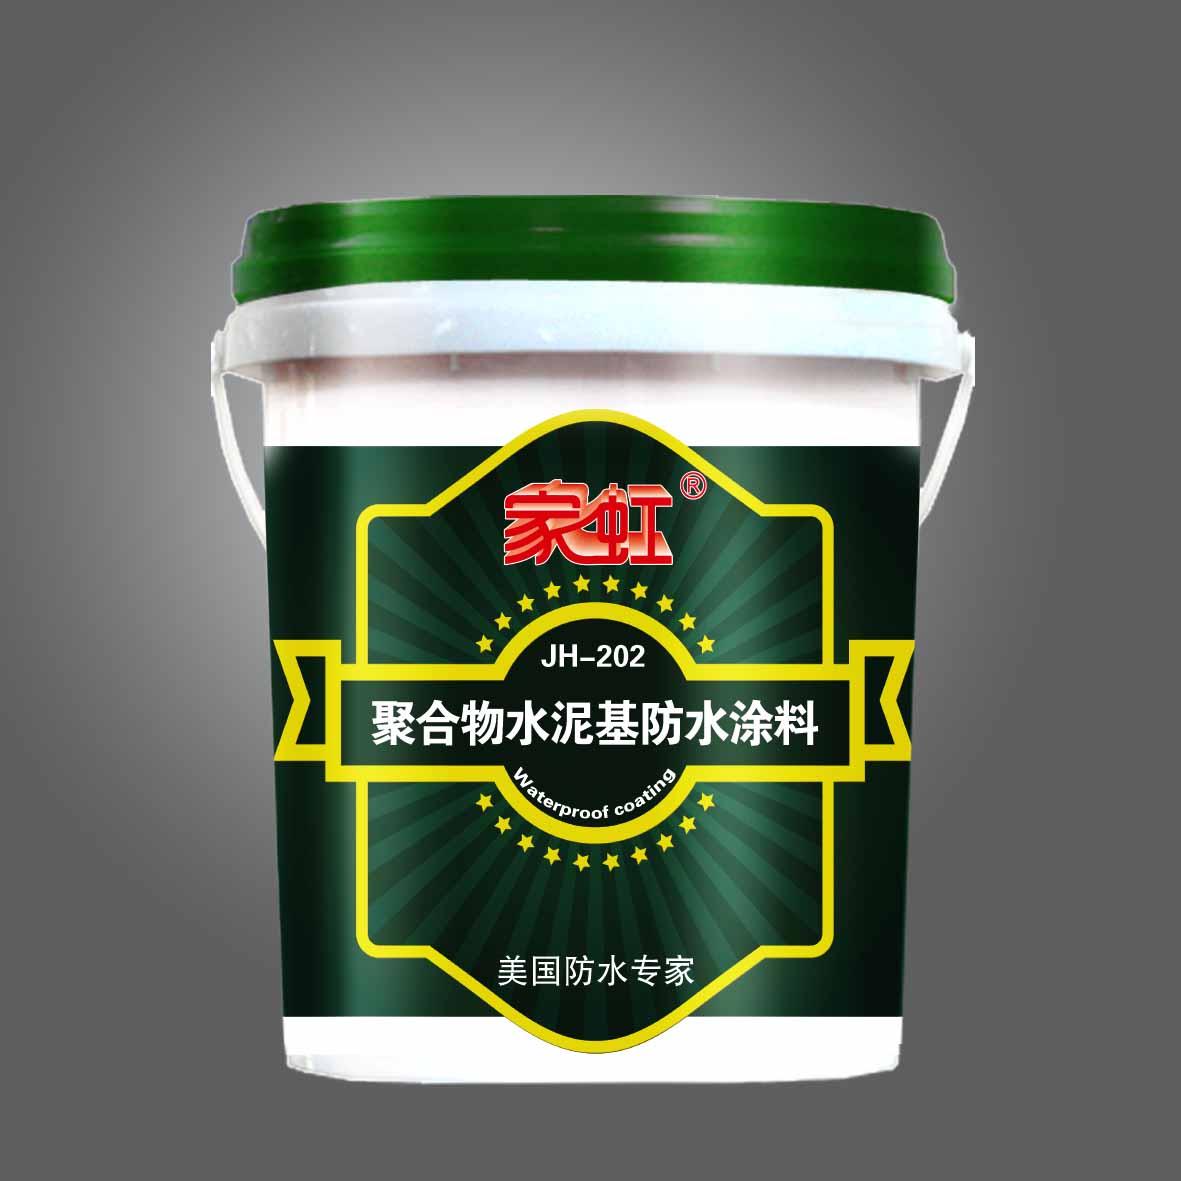 家虹JH-202家虹 聚合物水泥基防水涂料